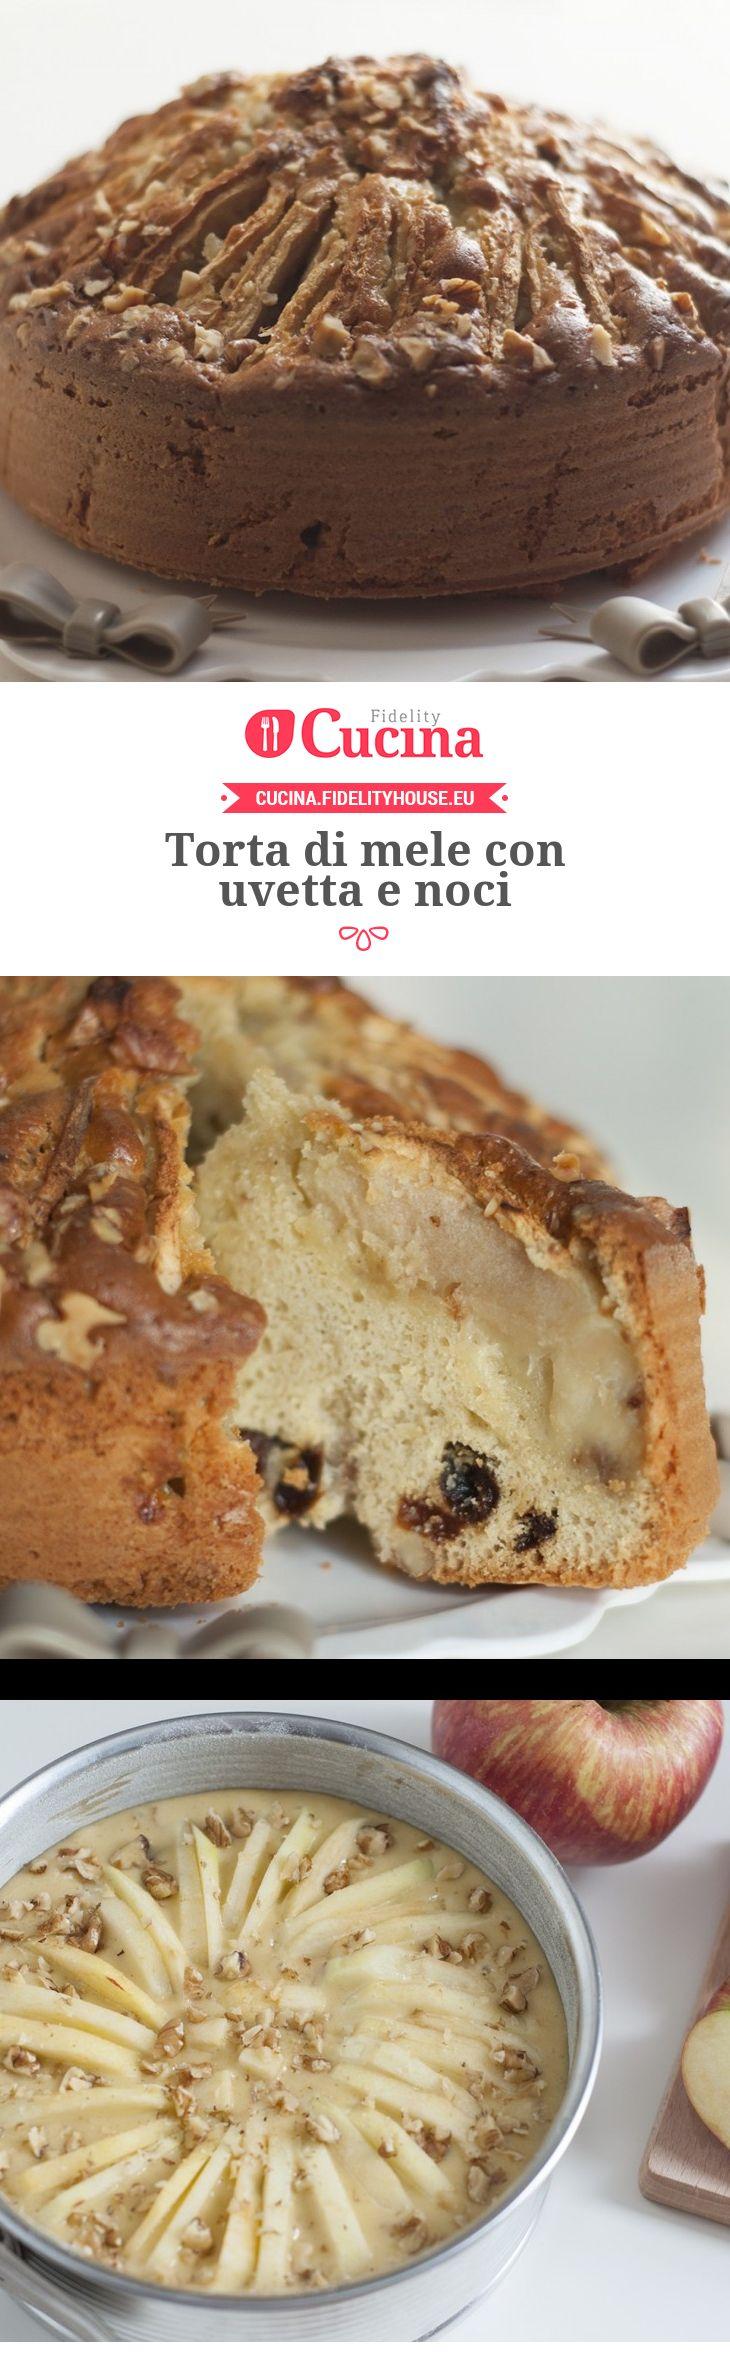 #Torta di #mele con #uvetta e #noci della nostra utente Chiara. Unisciti alla nostra Community ed invia le tue ricette!